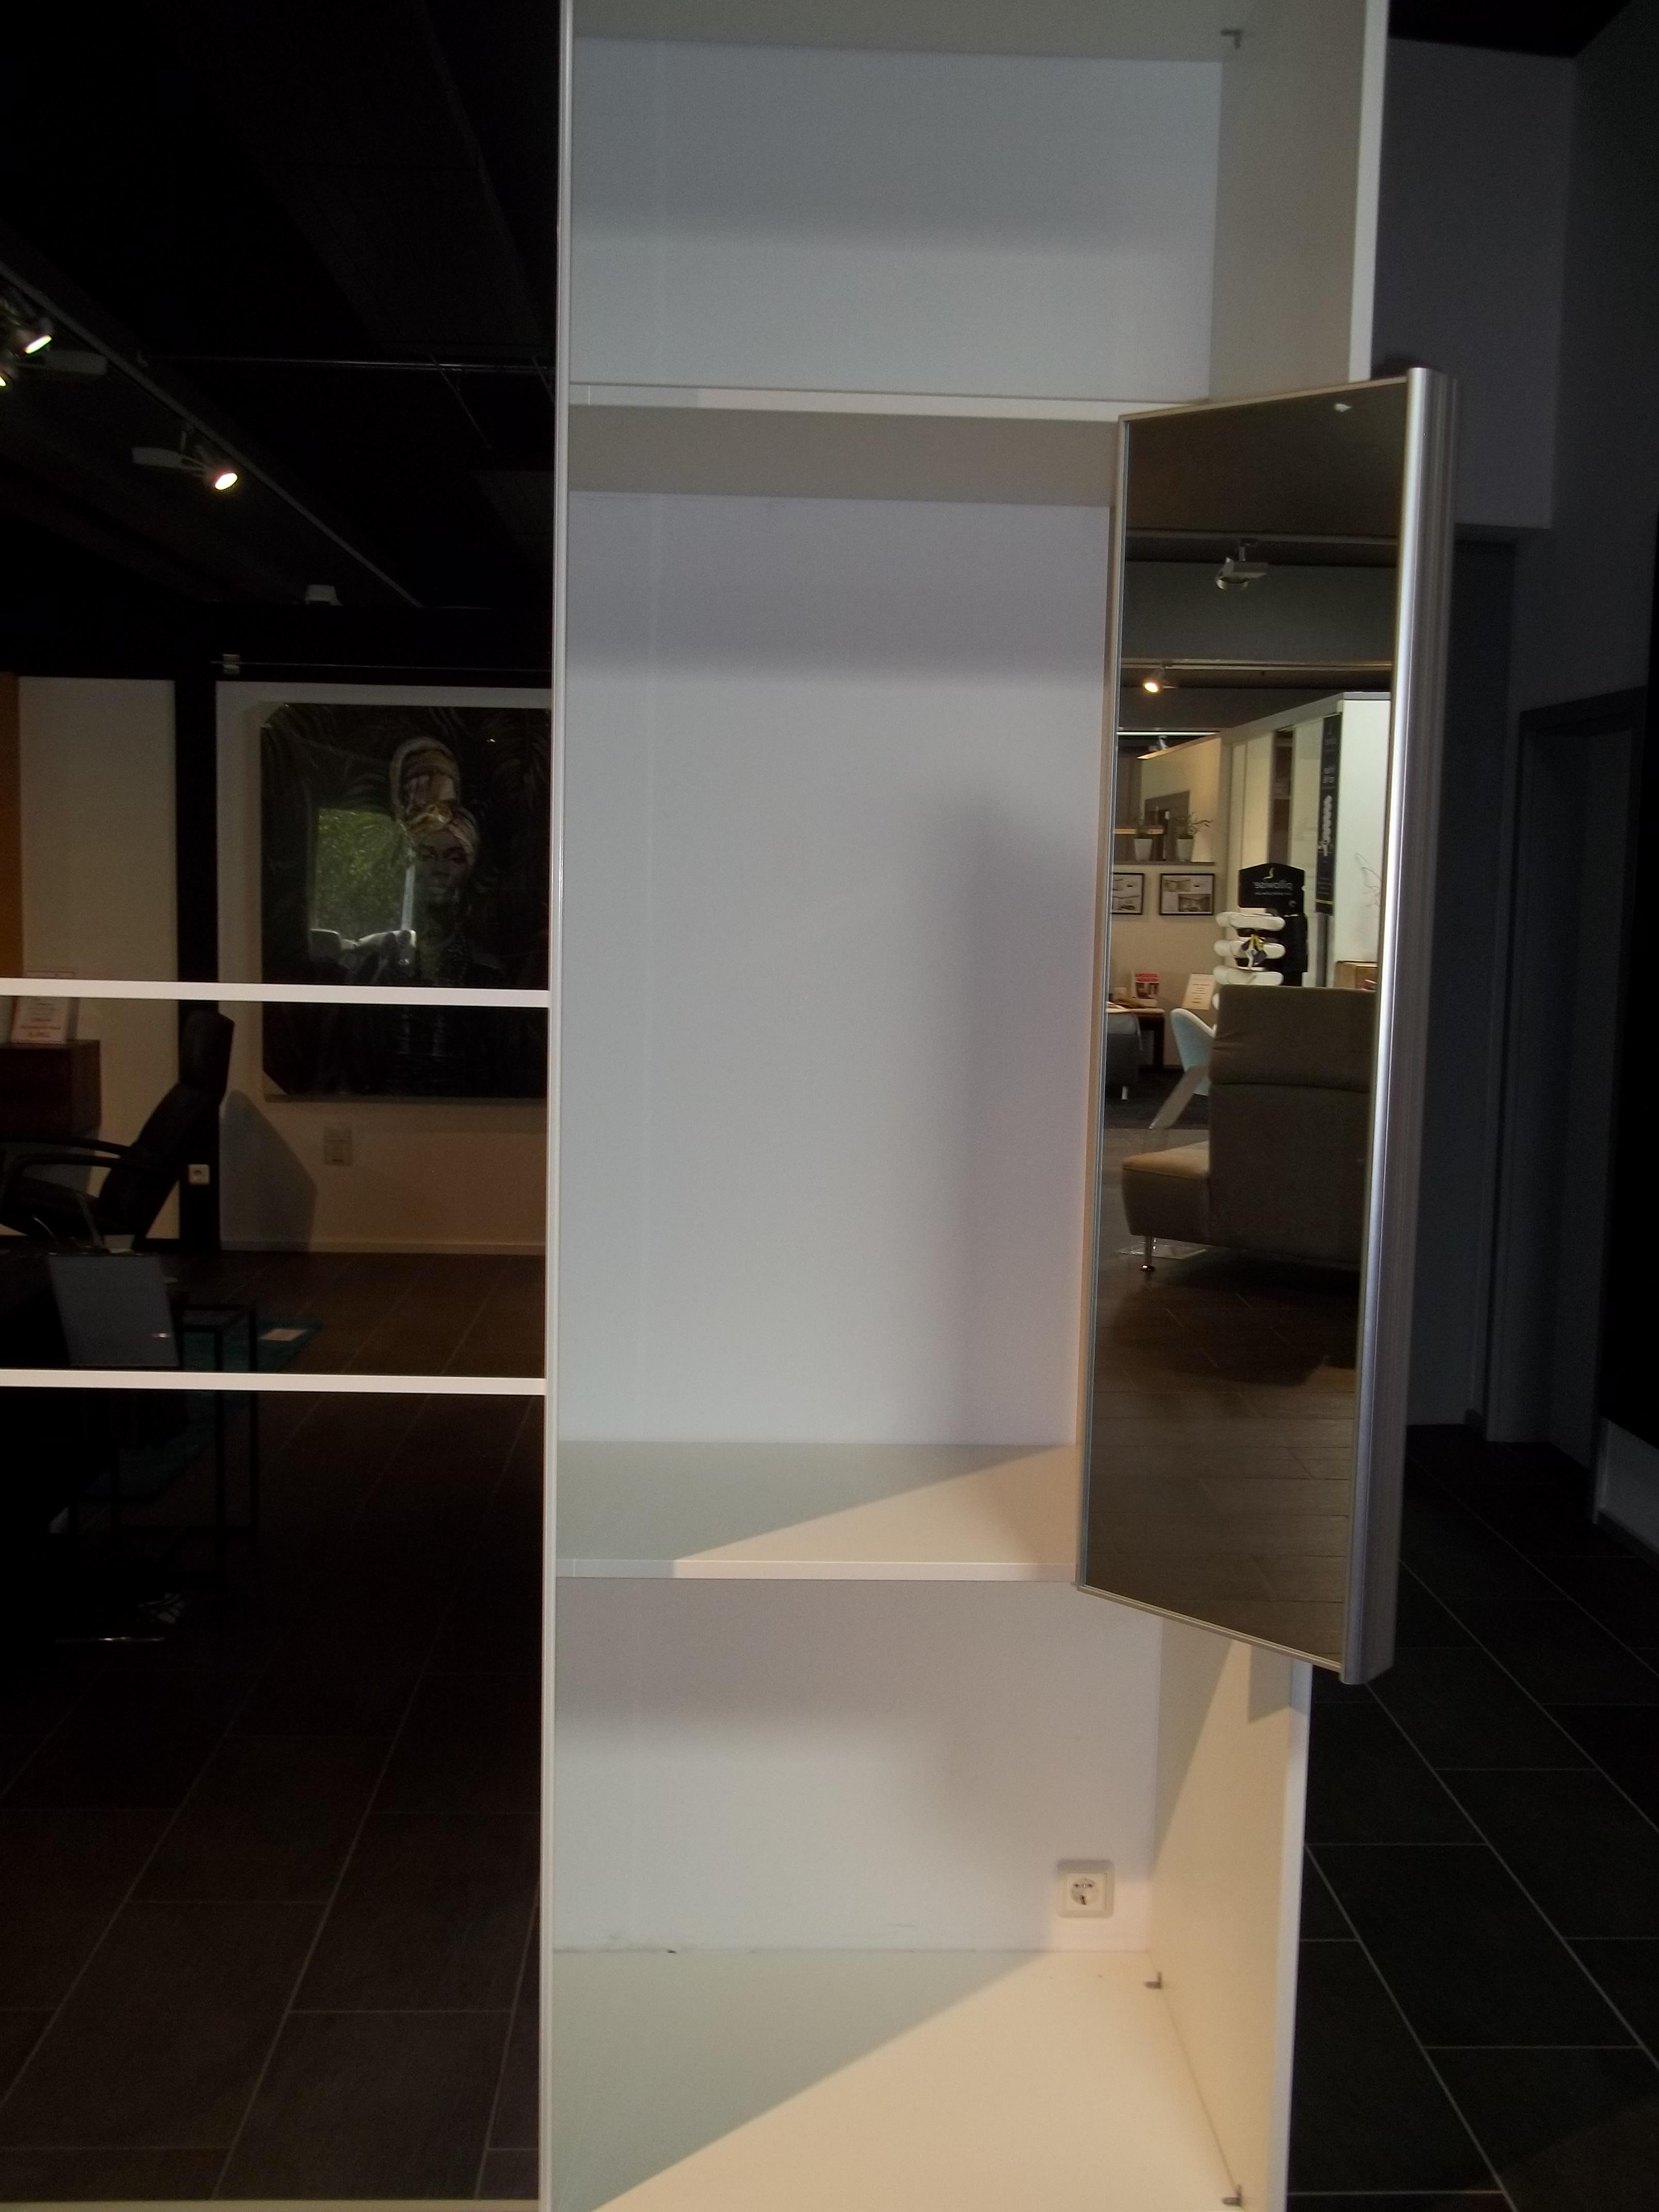 Mein Ausstellungsstück: Schiebetüren-Schrank